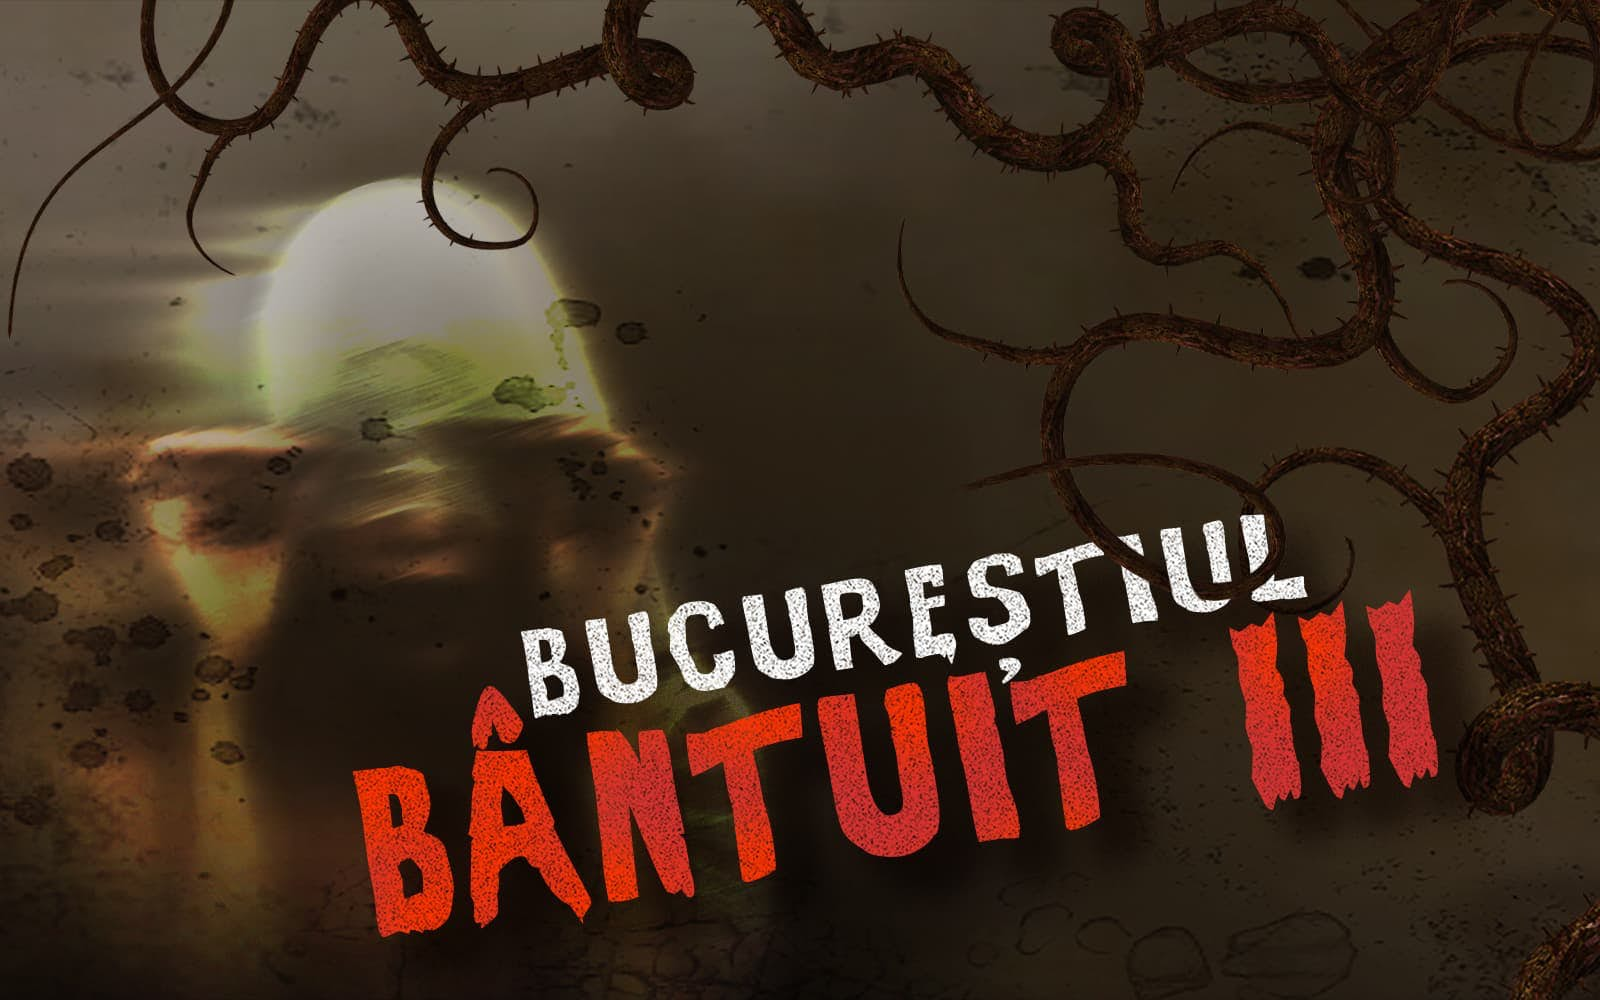 Bucureștiul Bântuit III image